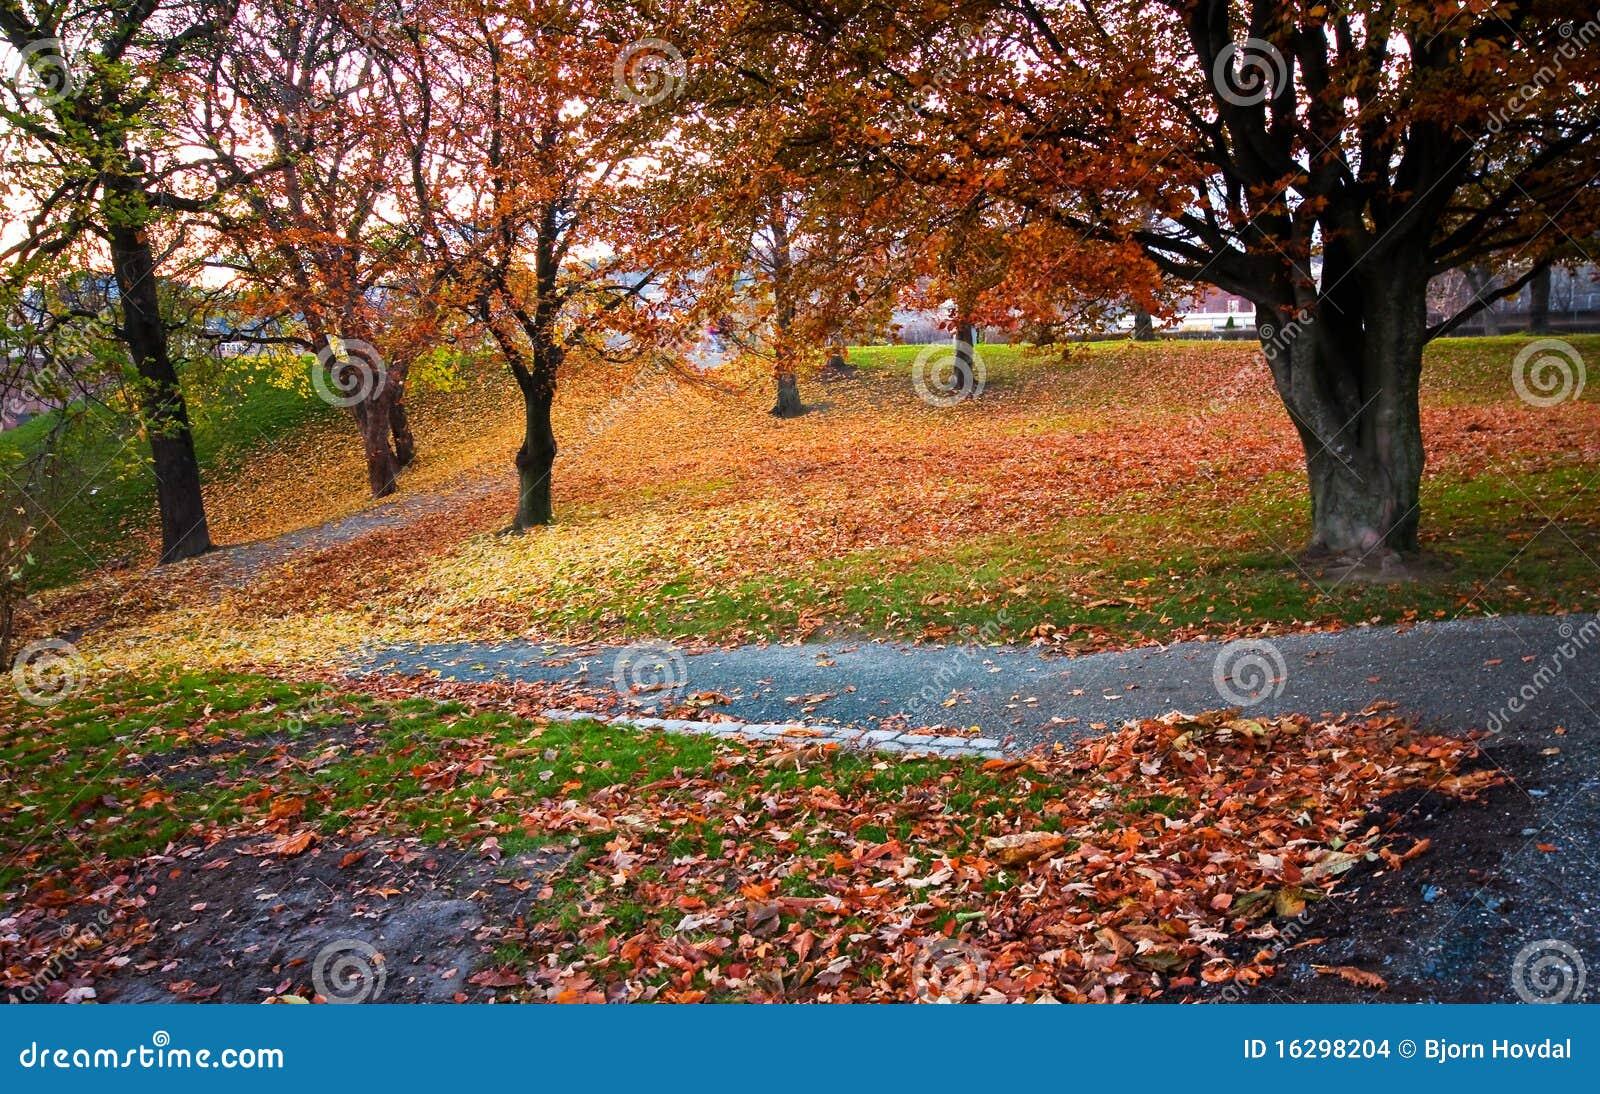 Download Stationnement d'automne photo stock. Image du vibrant - 16298204